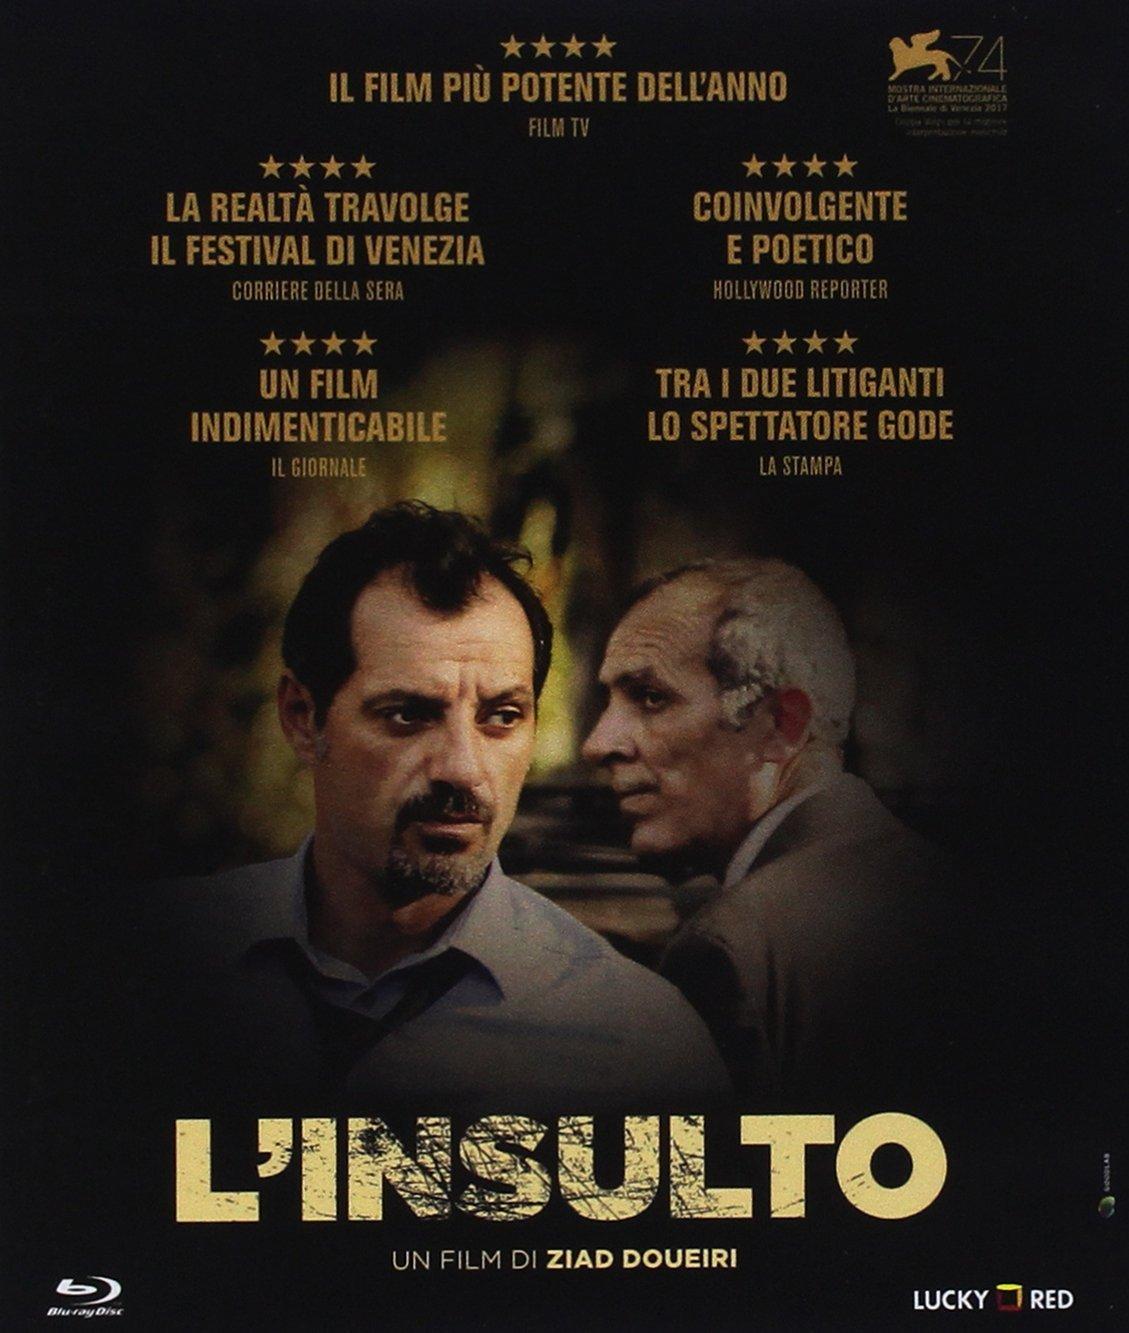 L'INSULTO - BLU RAY